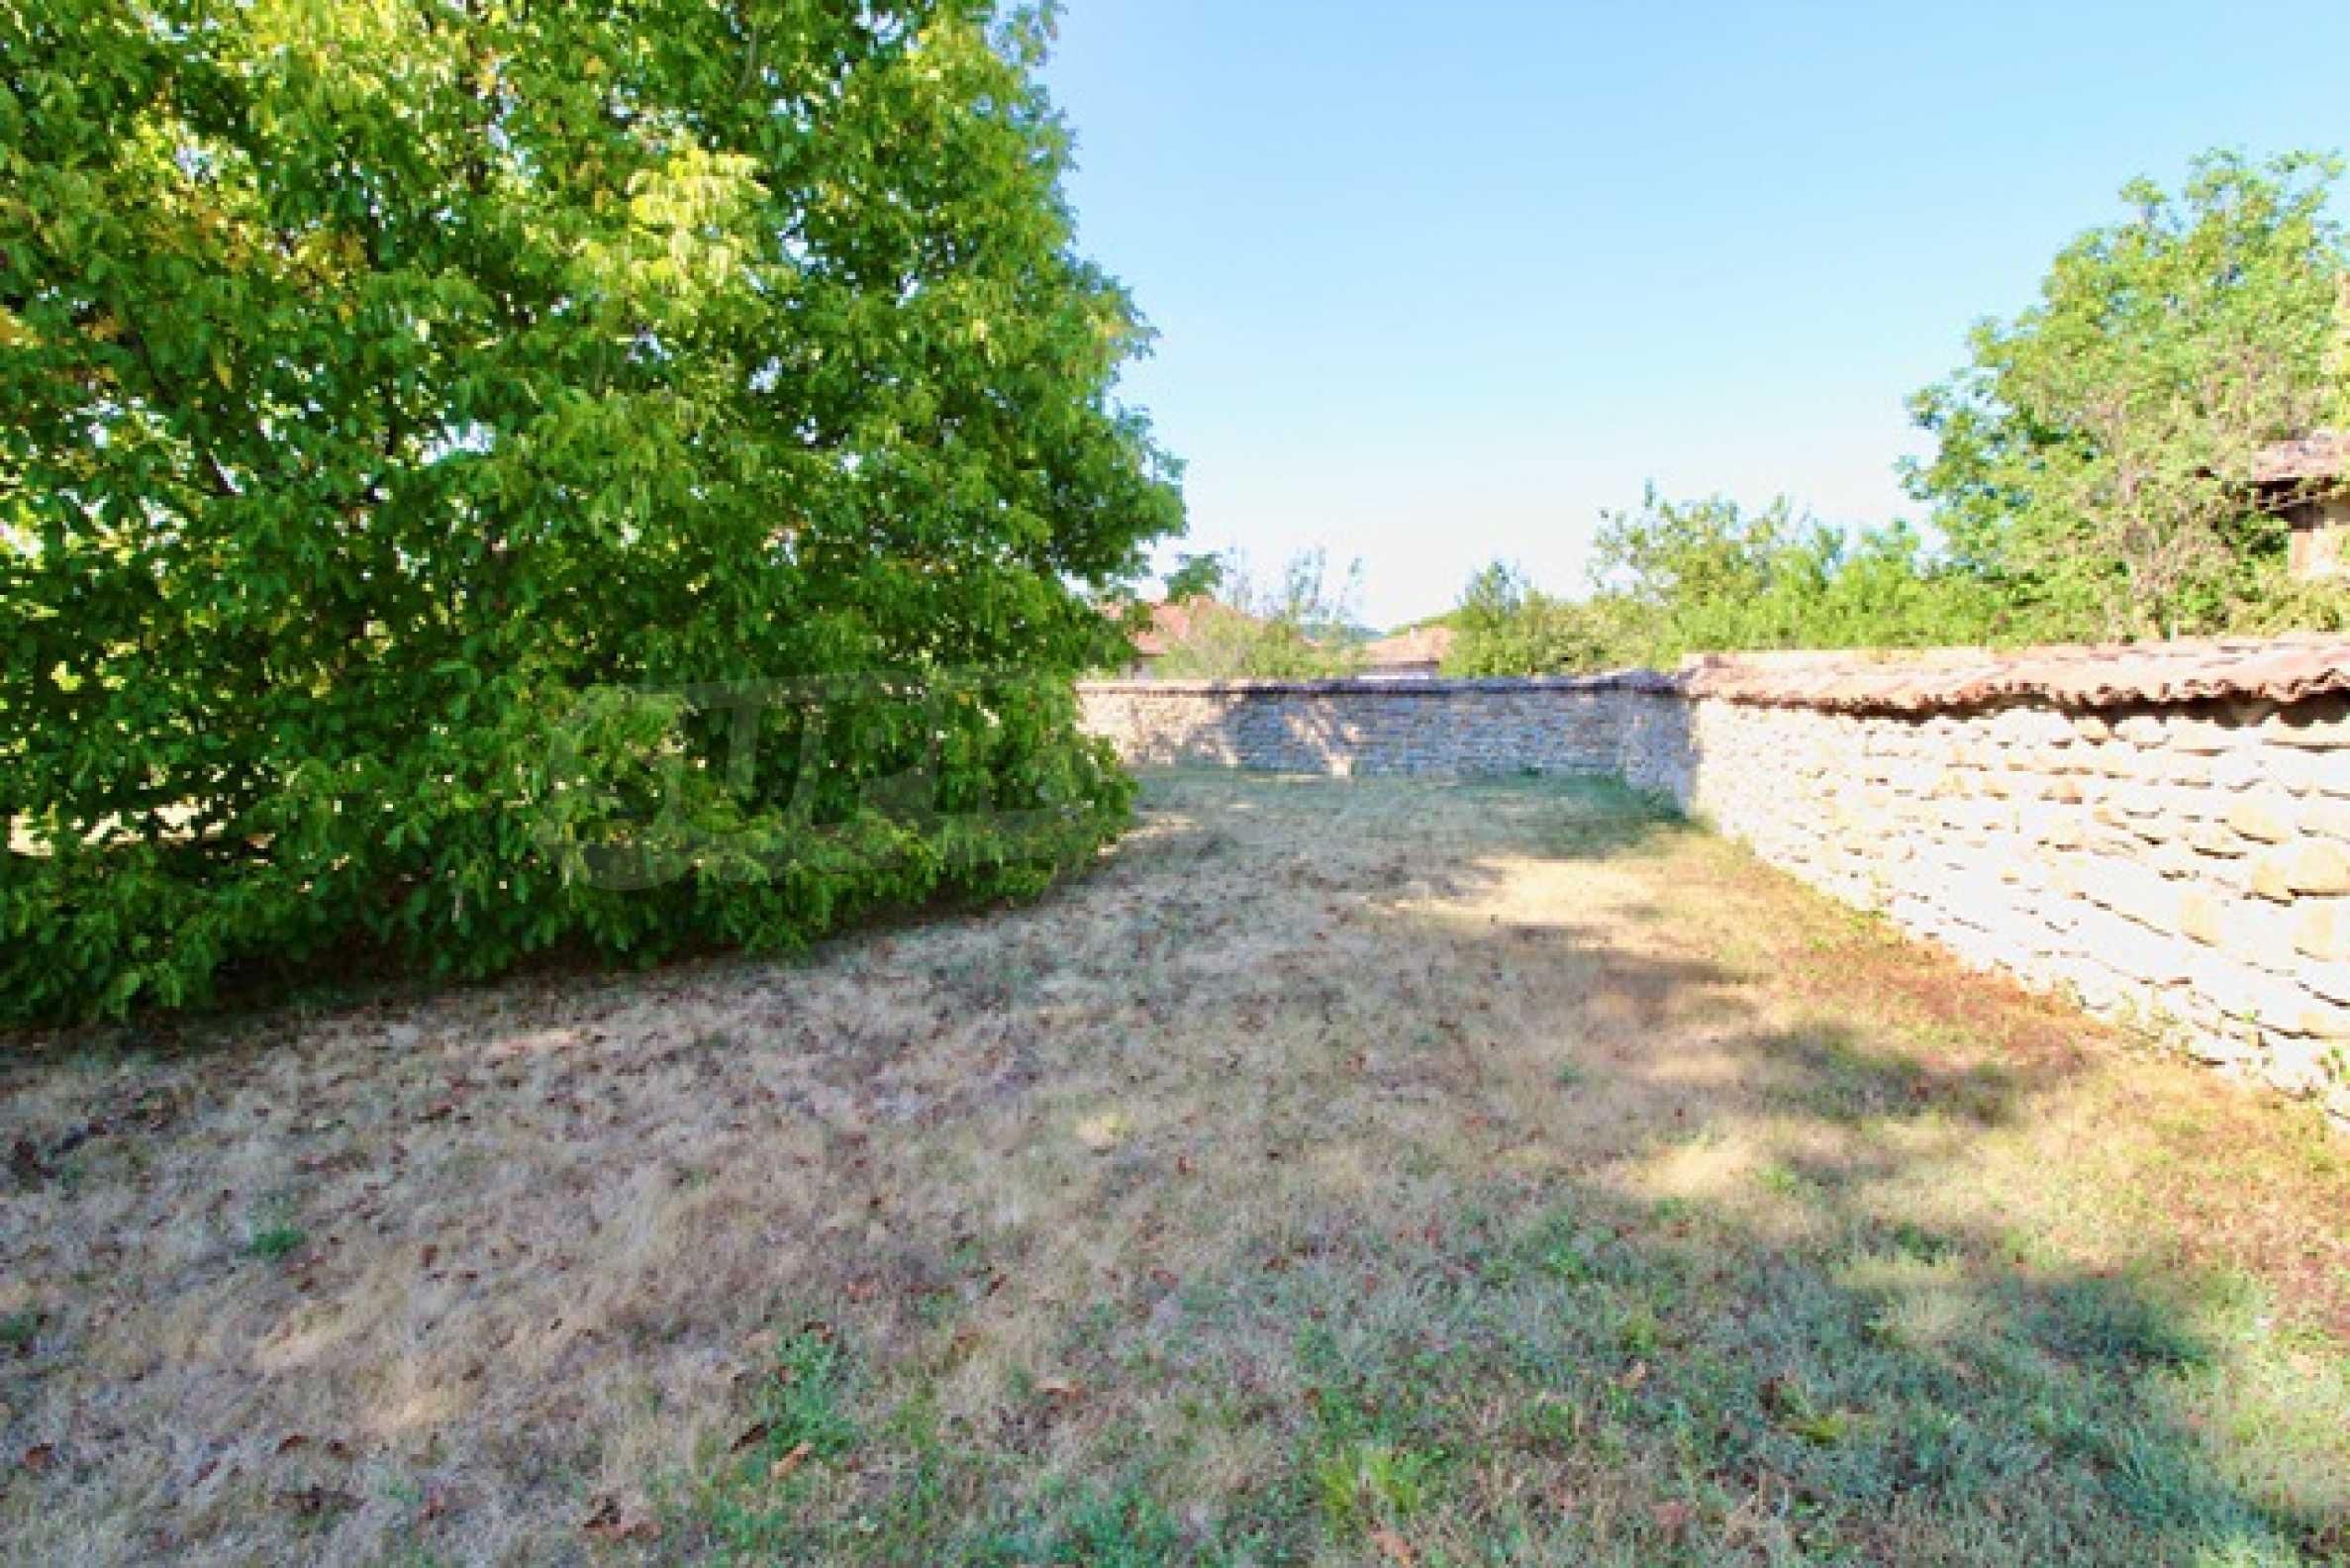 Schönes Wiederbelebungshaus, 17 km von Veliko Tarnovo entfernt 30